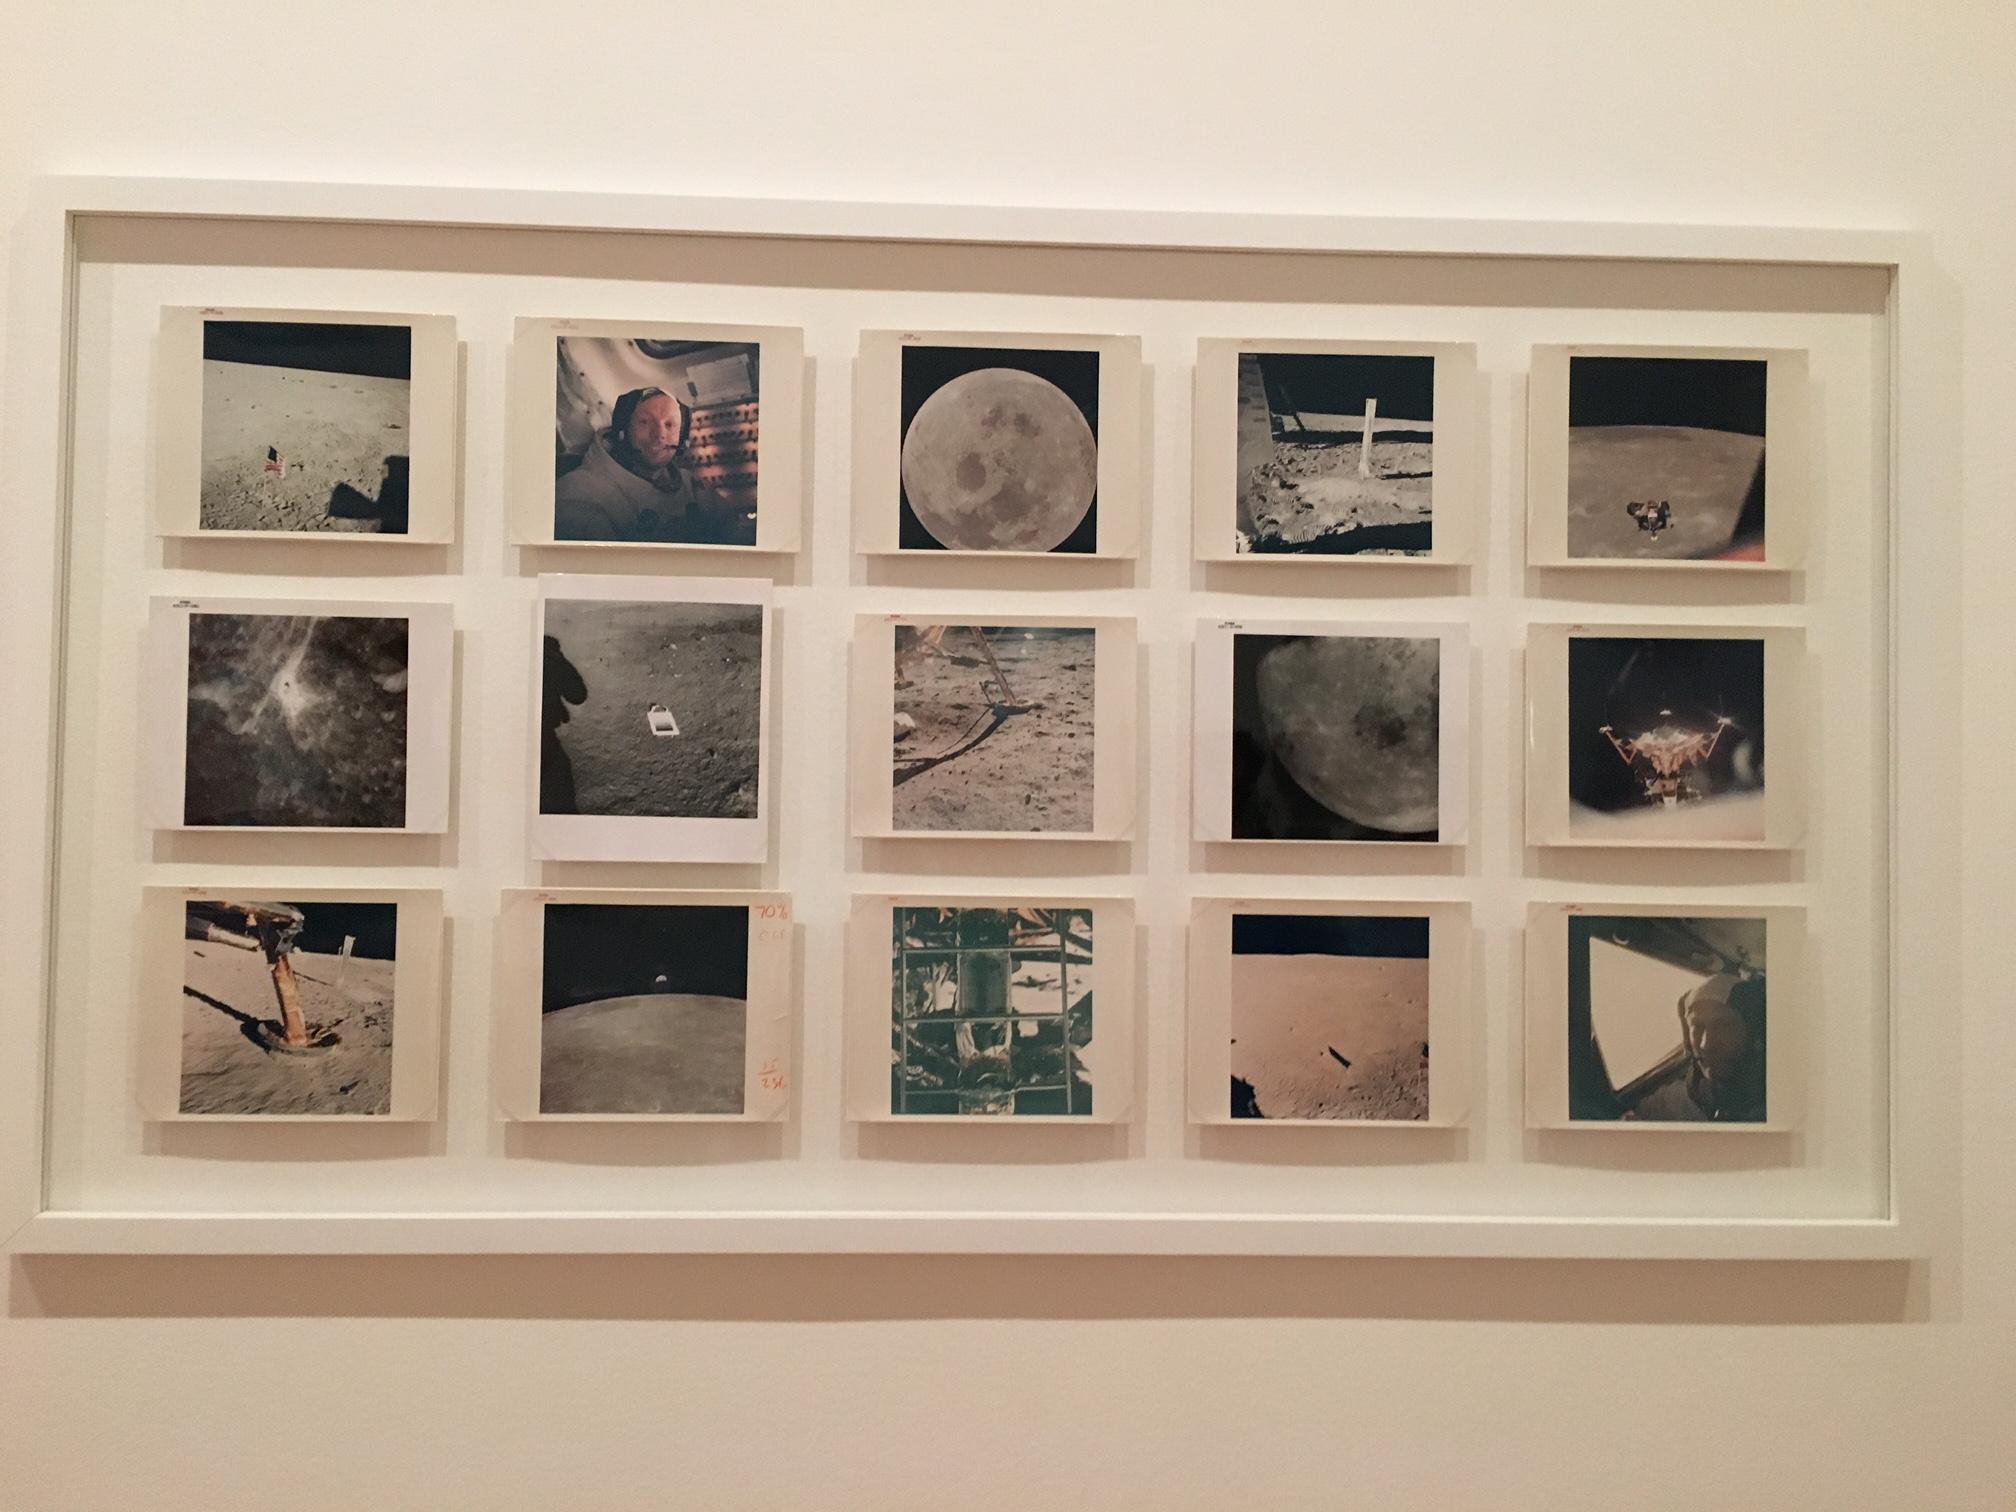 Vintage NASA Photographs displayed at MoMA, New York (2016)